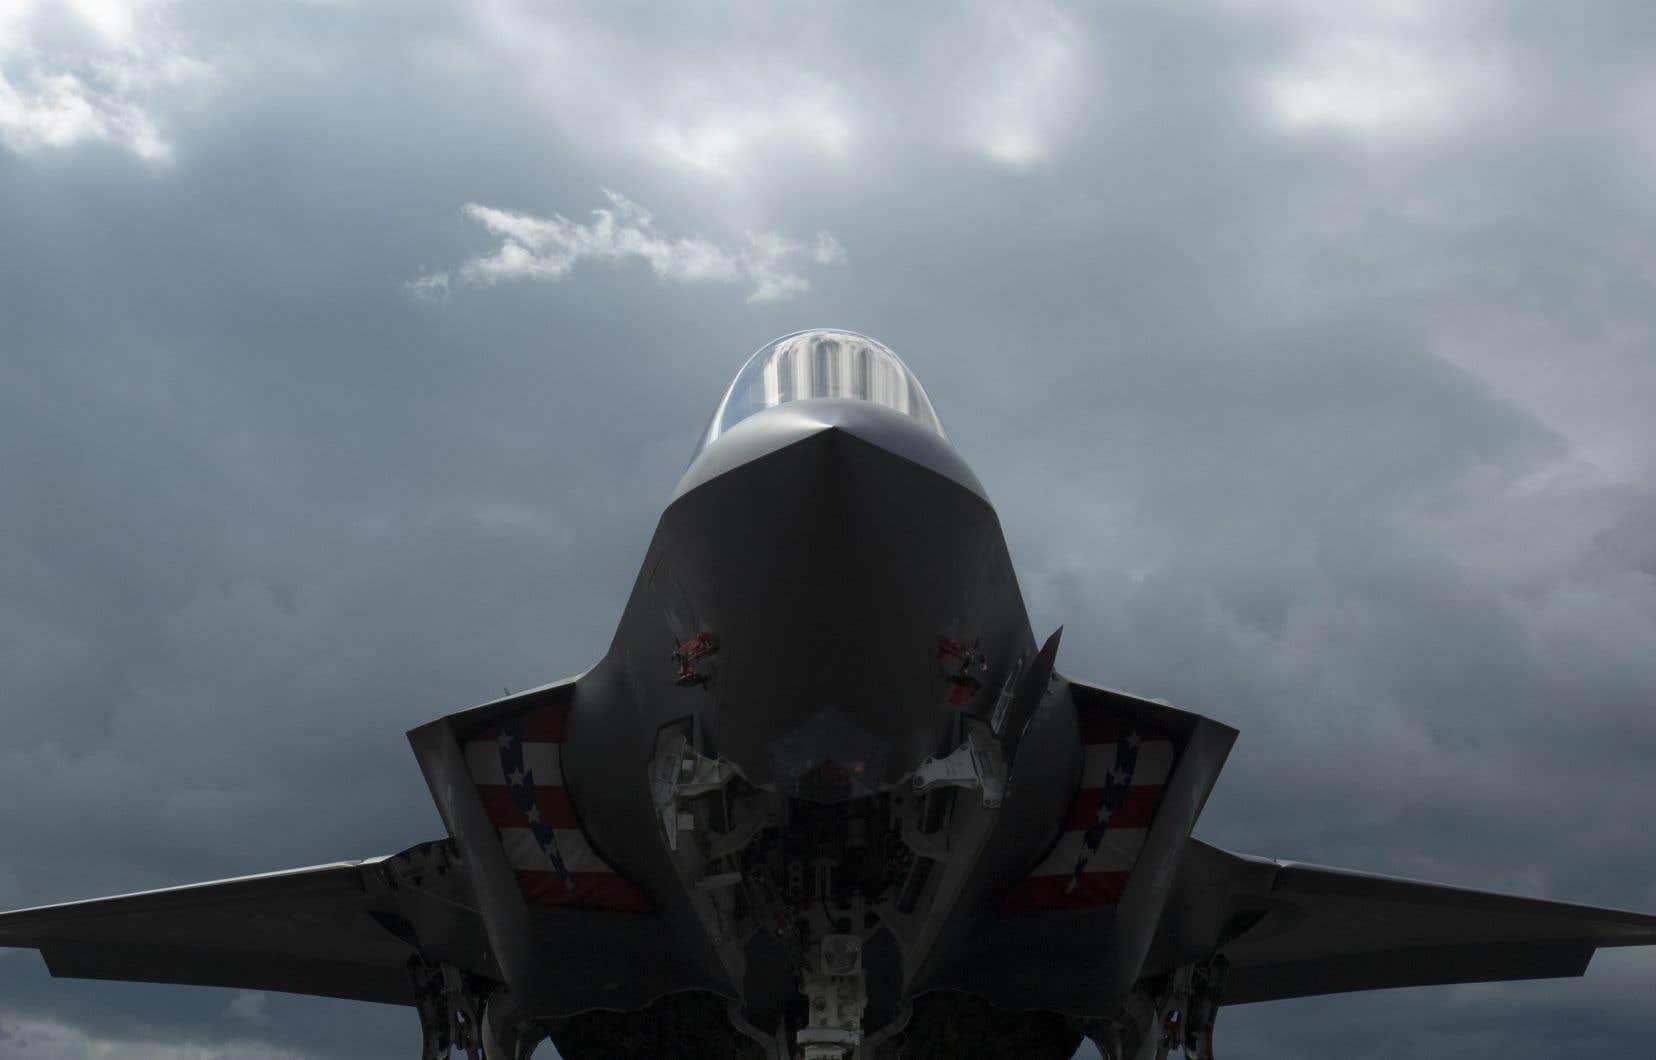 En décembre 2018, on faisait état d'un manque à gagner de 275 pilotes militaires dans les rangs de l'armée canadienne.